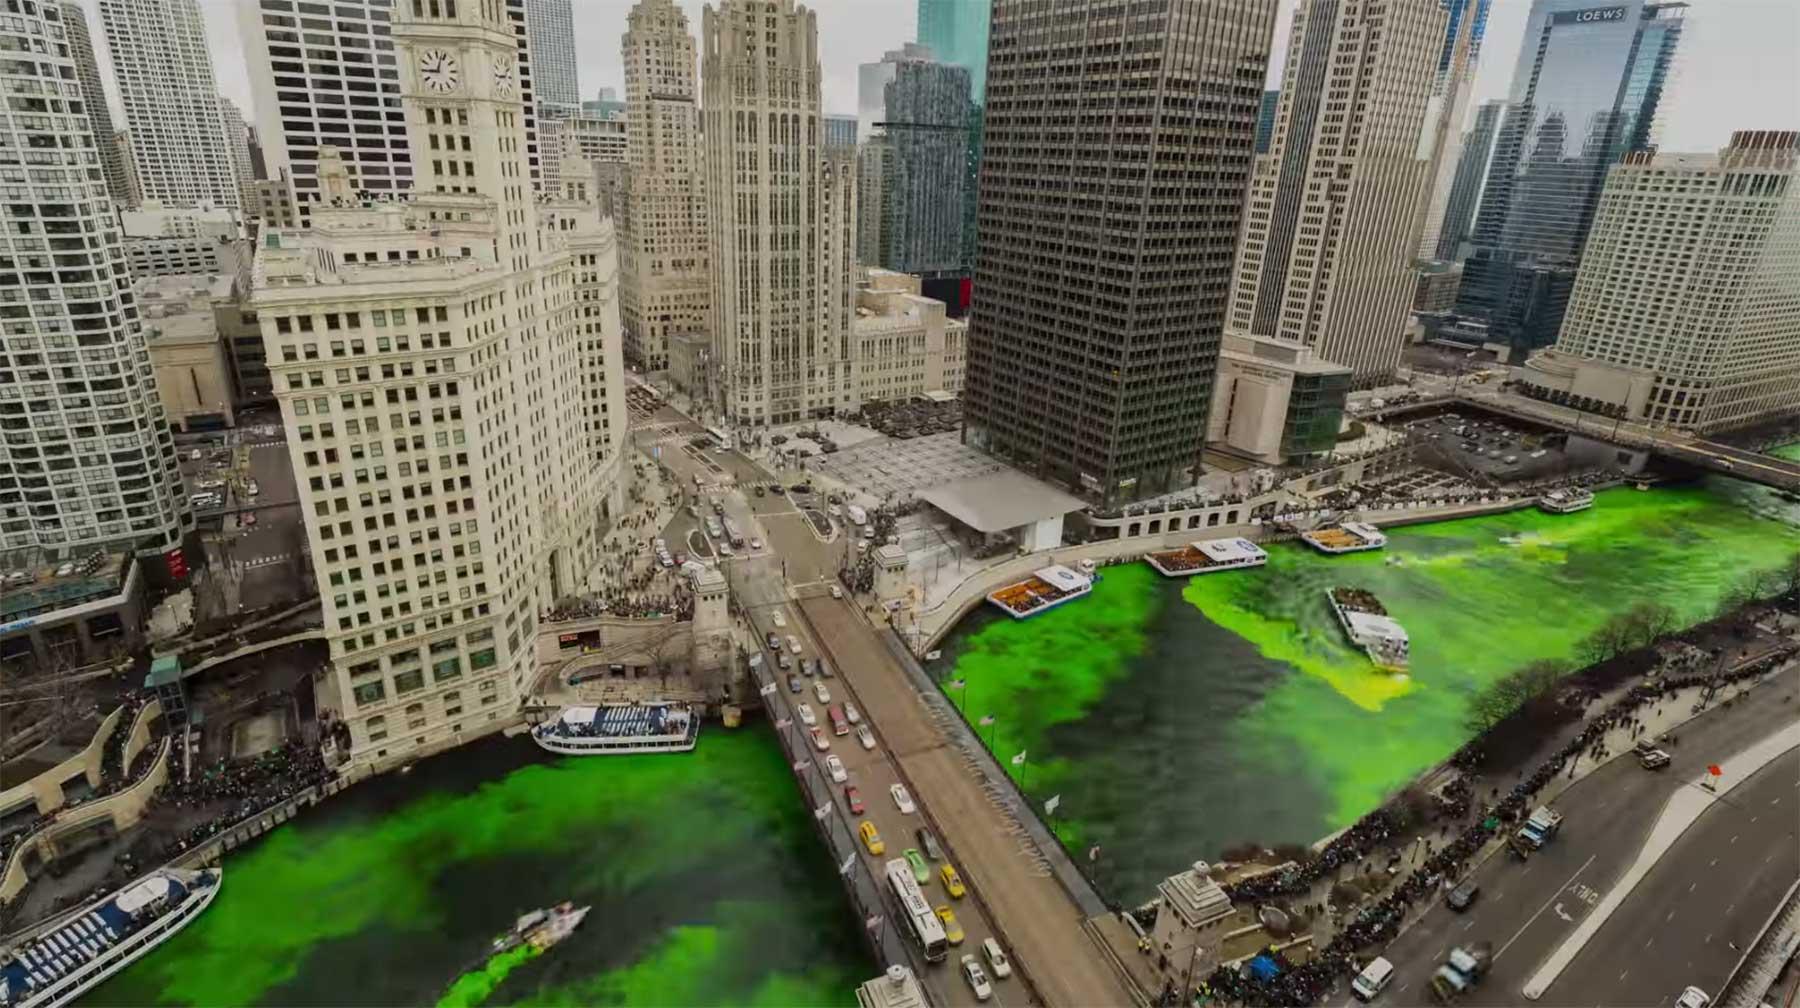 Grünfärbung des Chicago River zum St. Patrick's Day